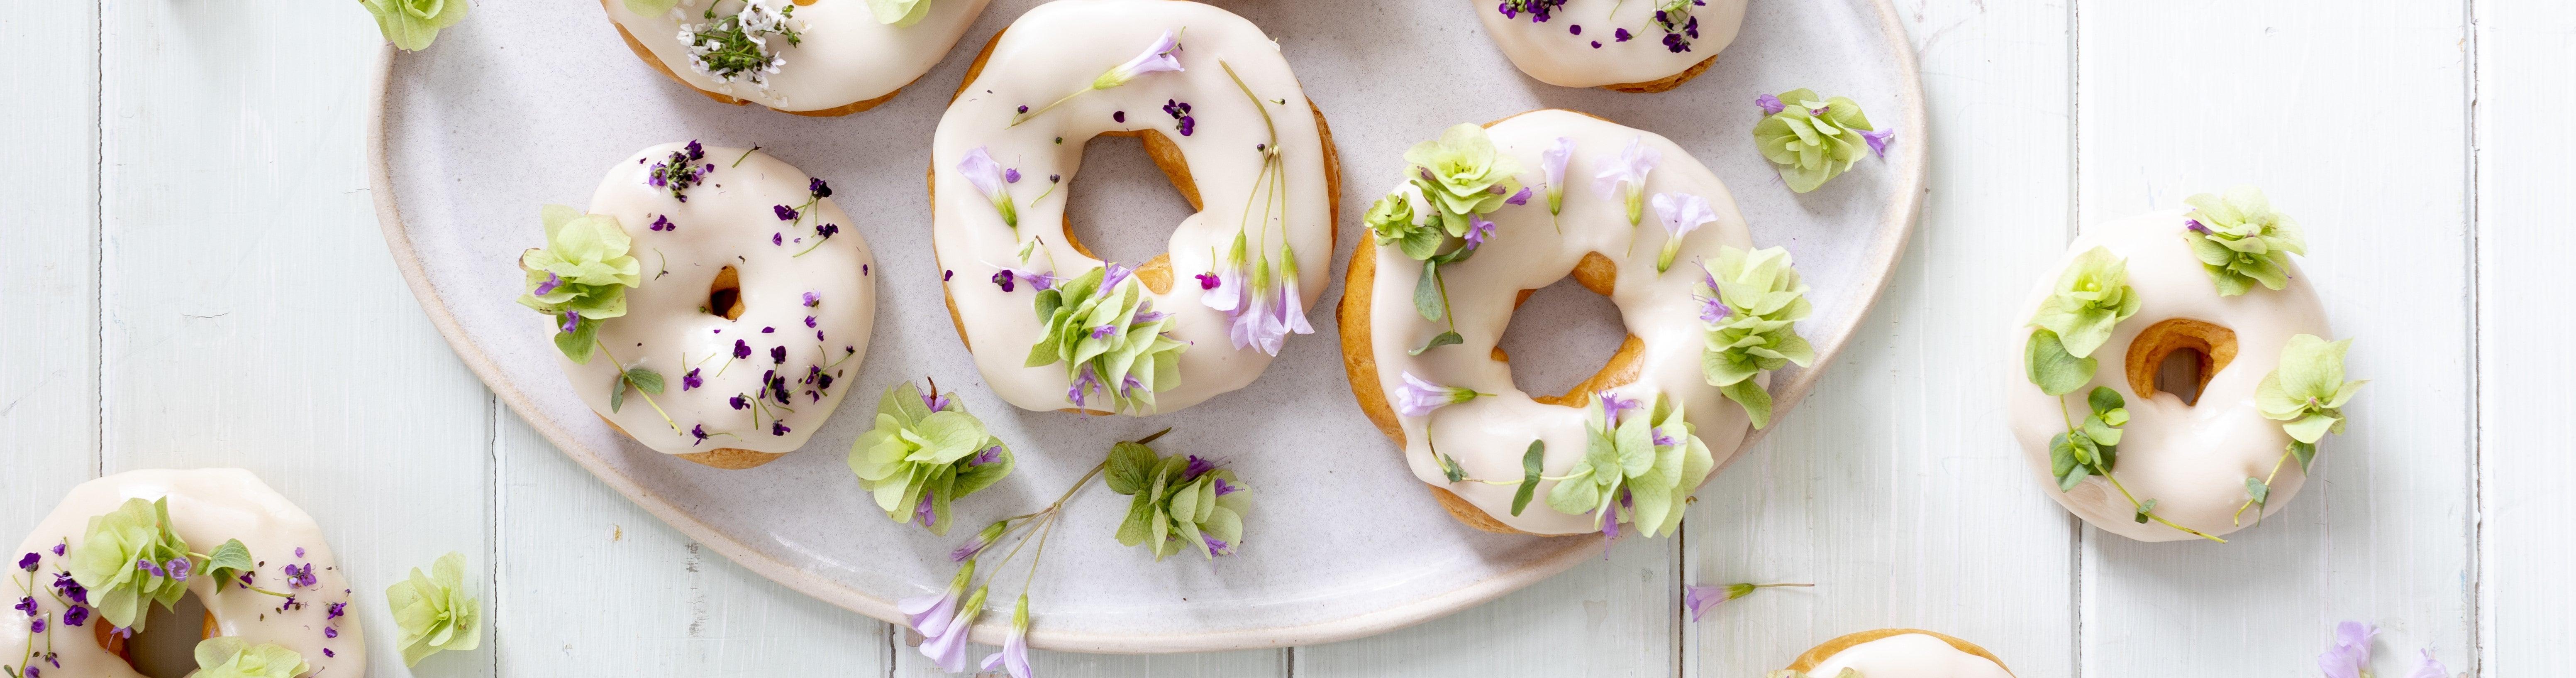 Juliet Sear & Botanical Baking